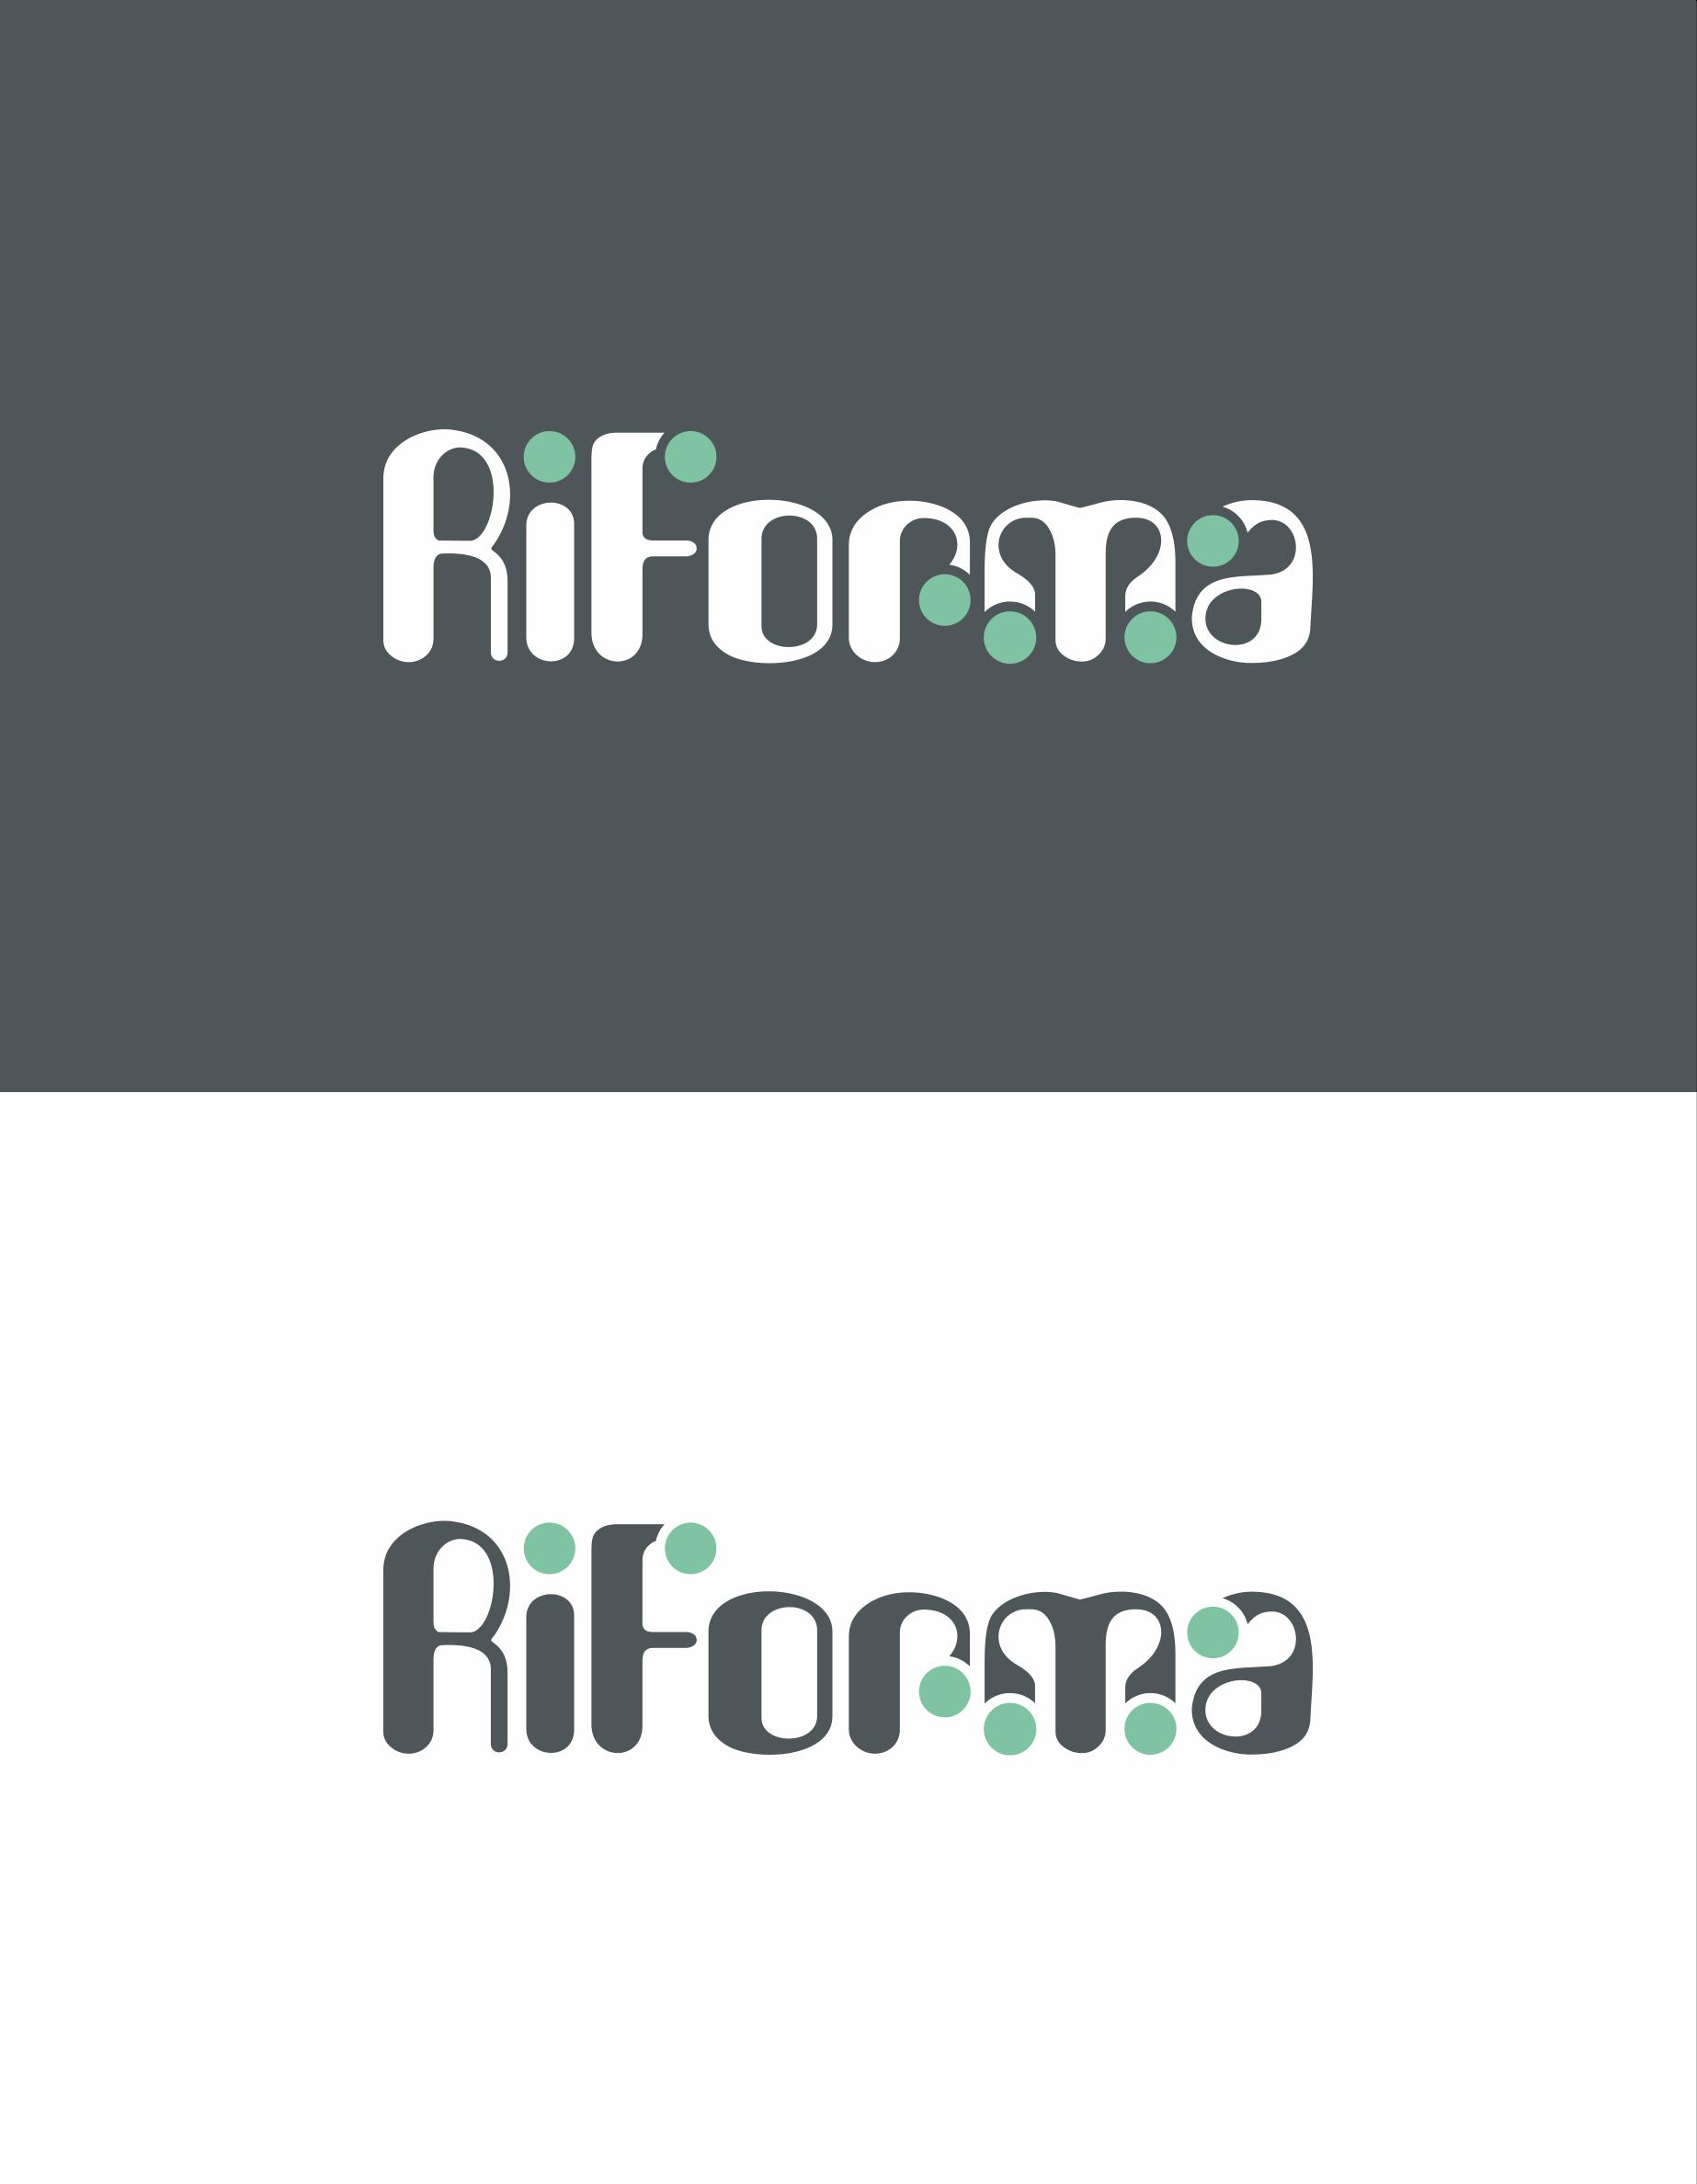 Разработка логотипа и элементов фирменного стиля фото f_811579b92fae0a92.png